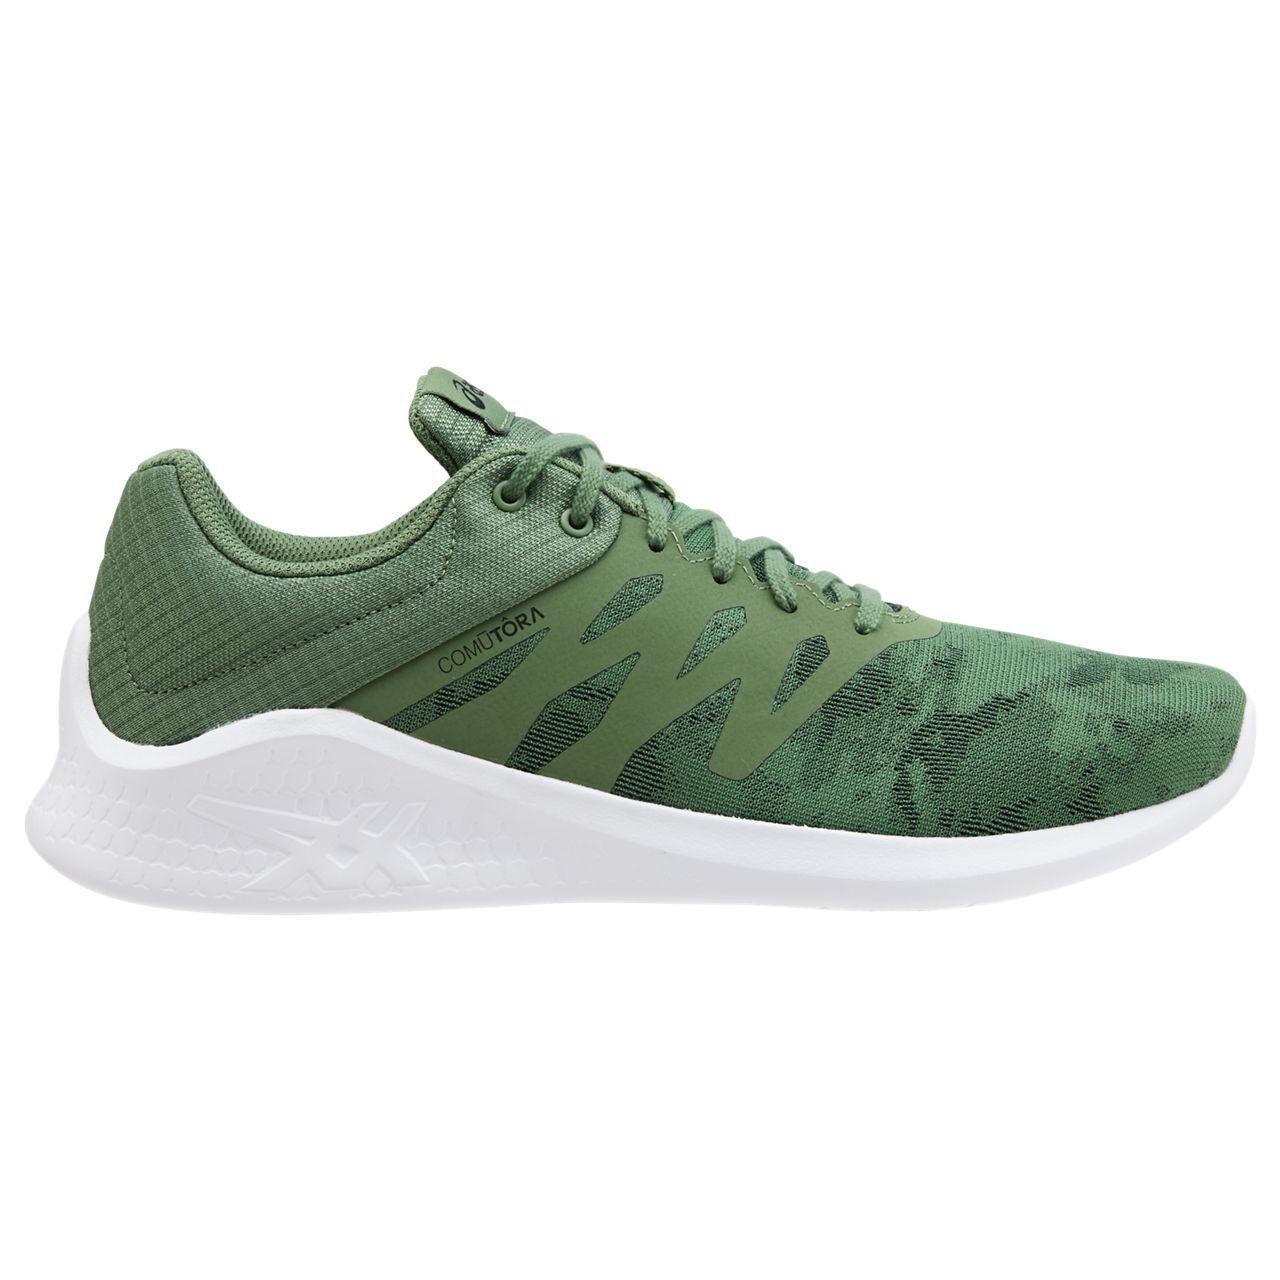 Asics 1021A013 300 Comutora MX Cedar Green Cedar Green Men's Running shoes